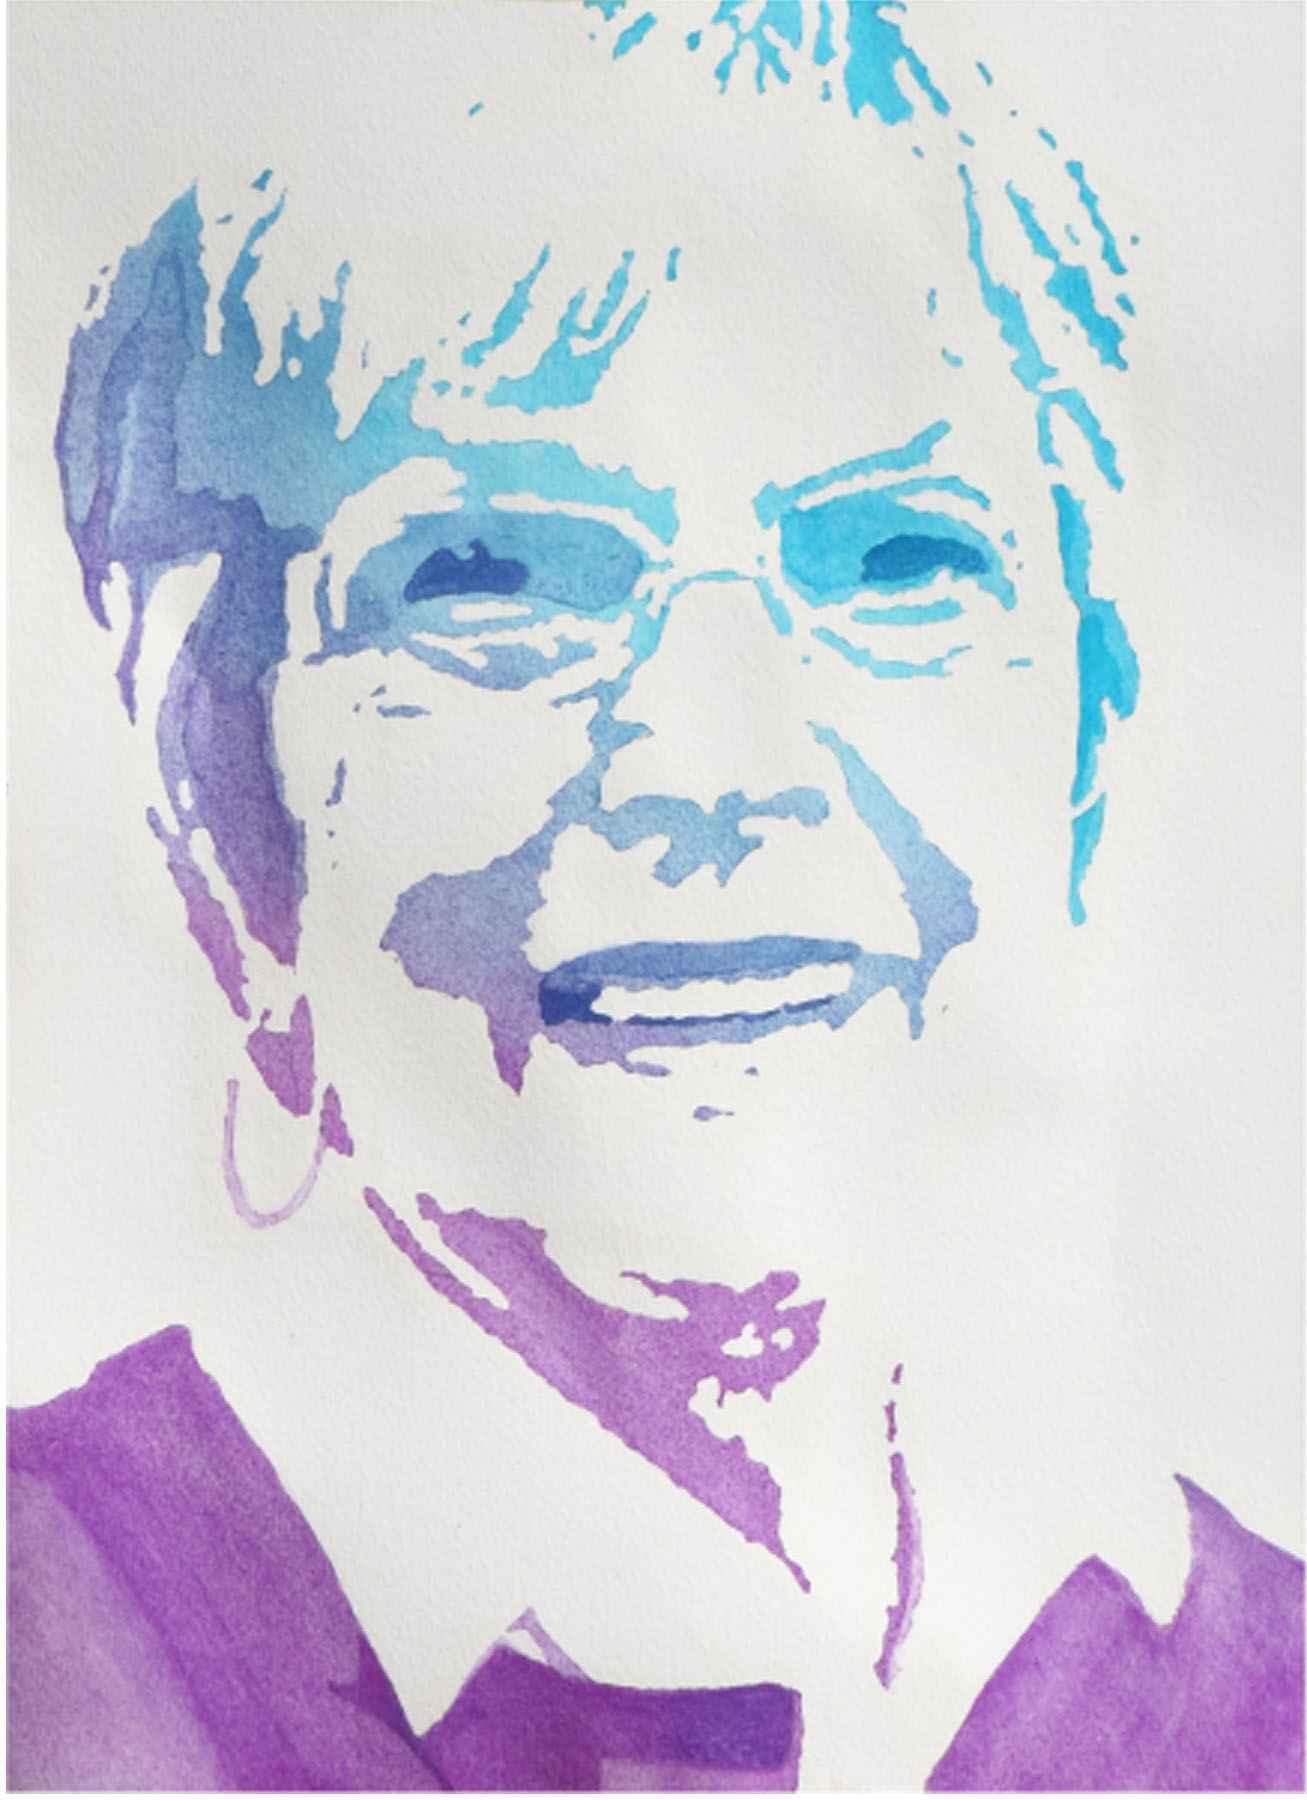 Nancy S. Huber